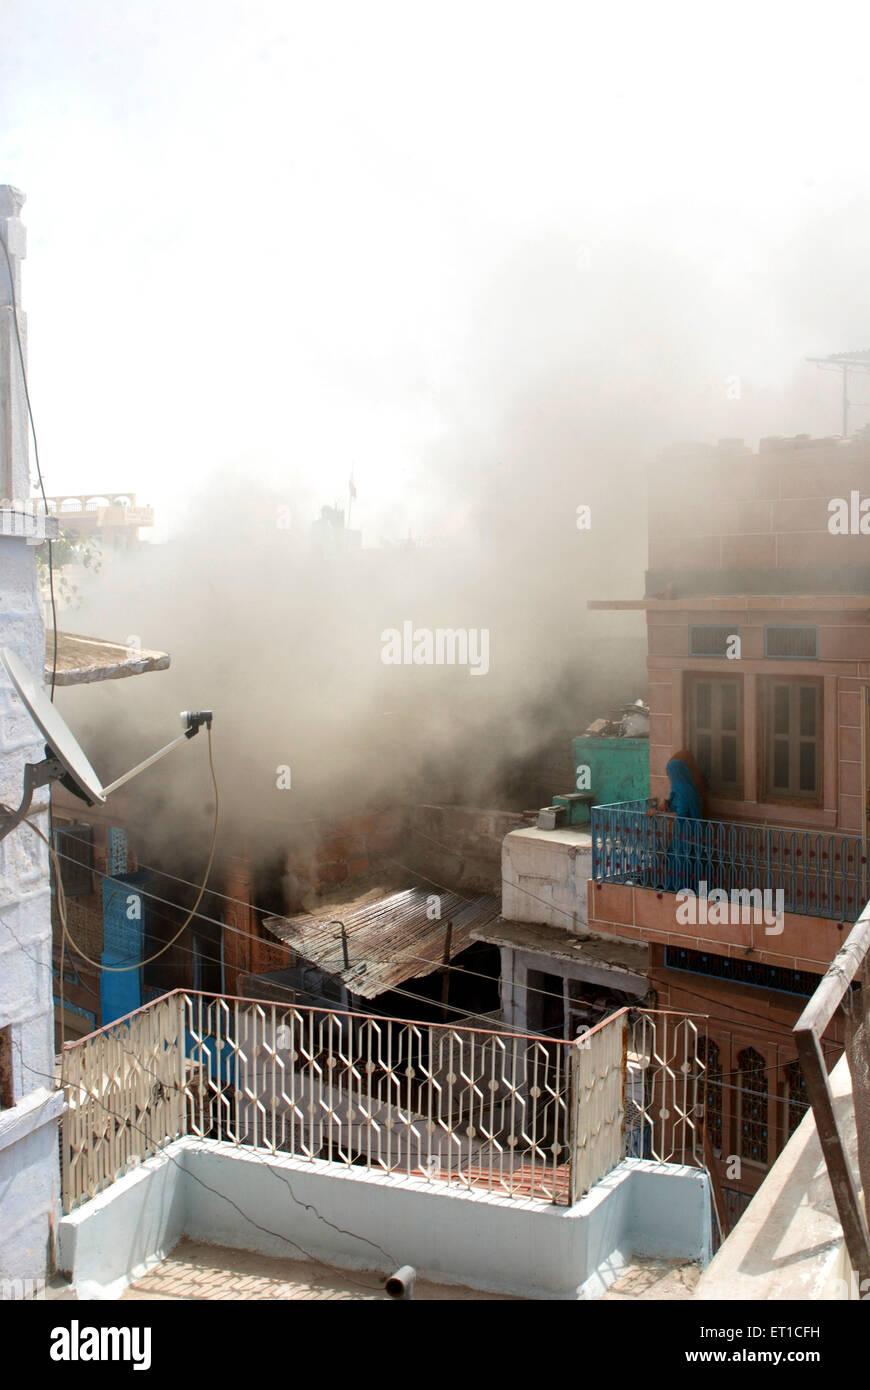 El humo de las víctimas de incendios en casa lane ; ; ; Rajasthan Jodhpur India Imagen De Stock